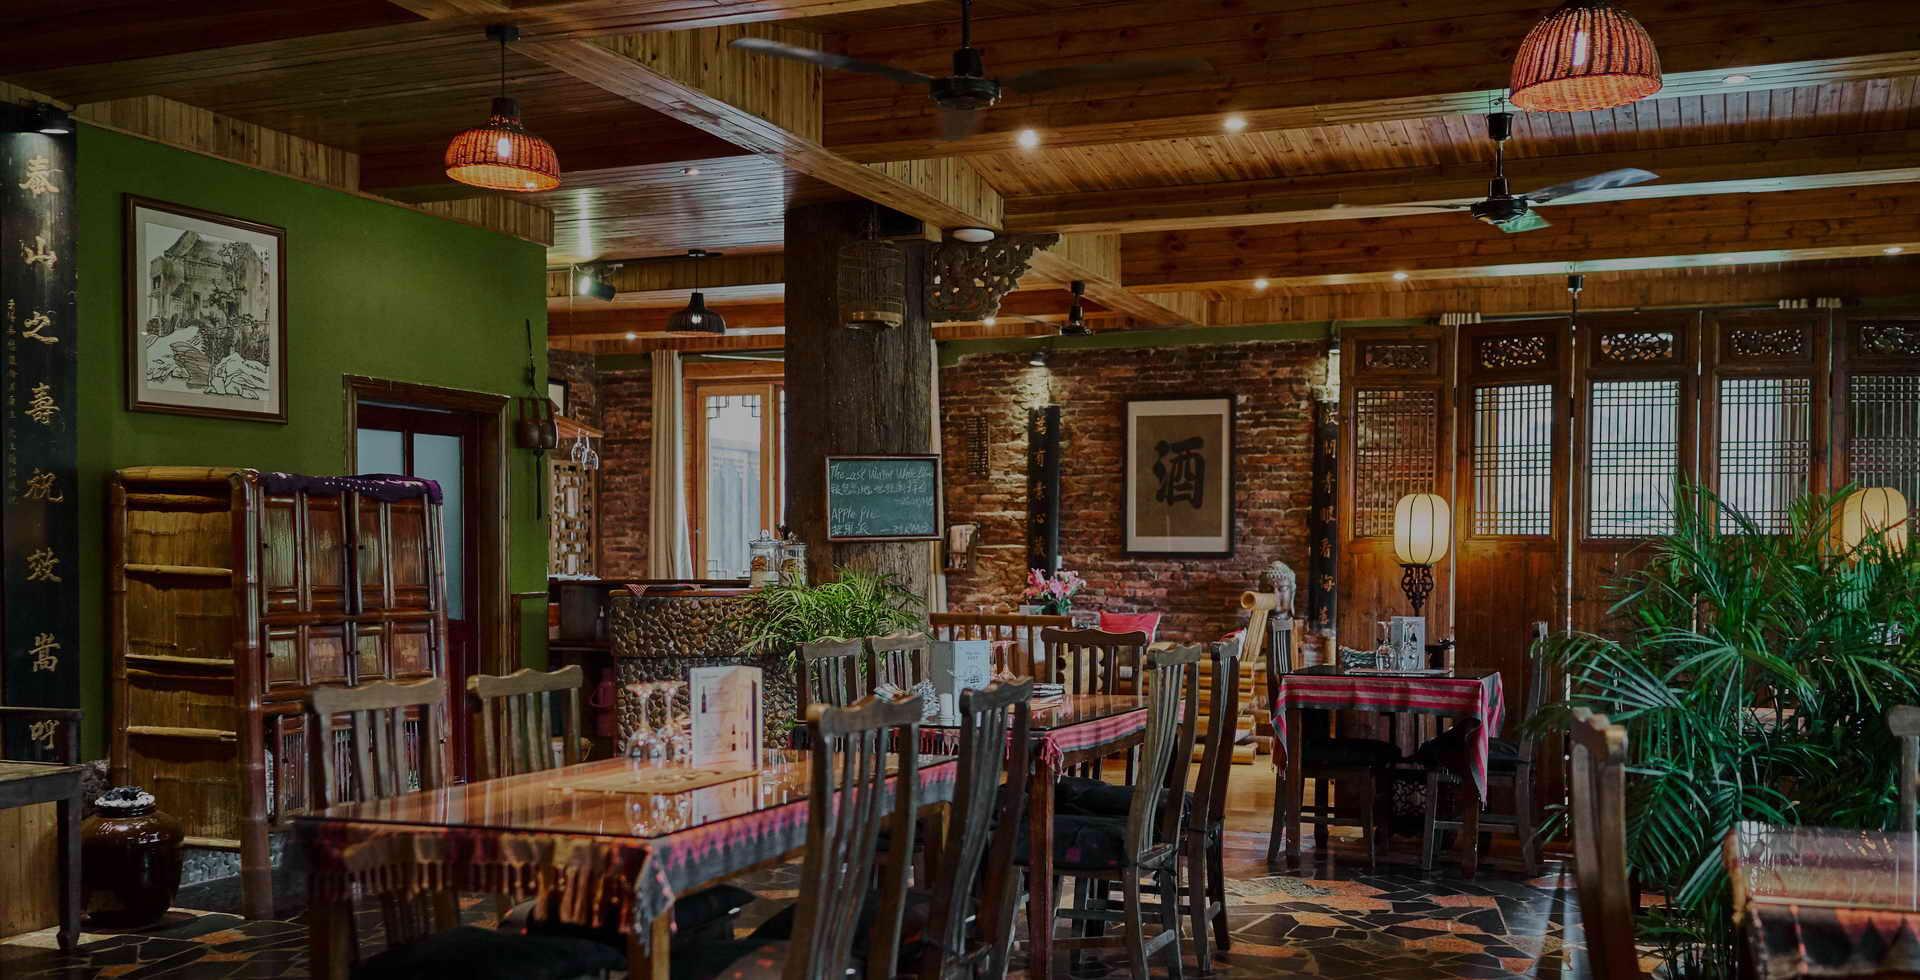 Yangshuo mountain retreat guilin Yangshuo restaurants